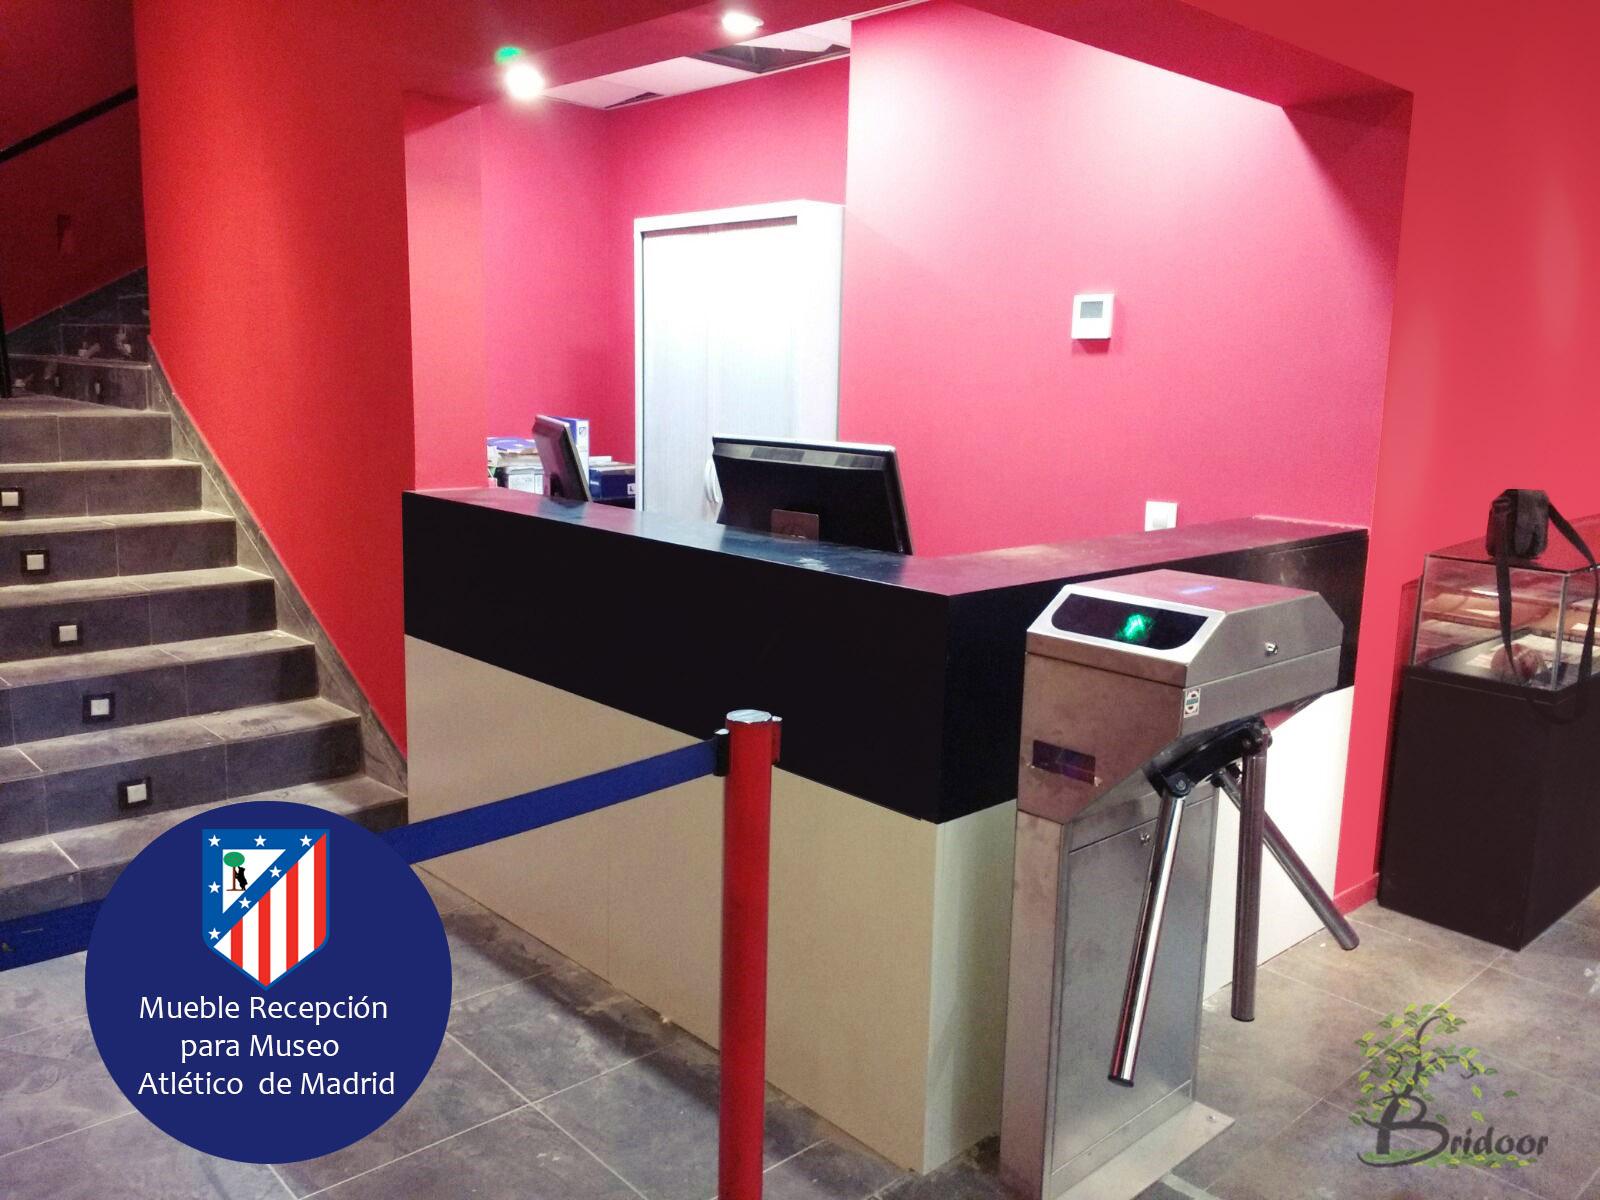 Bridoor s l mueble recepcion museo atletico de madrid - Muebles para restaurar madrid ...